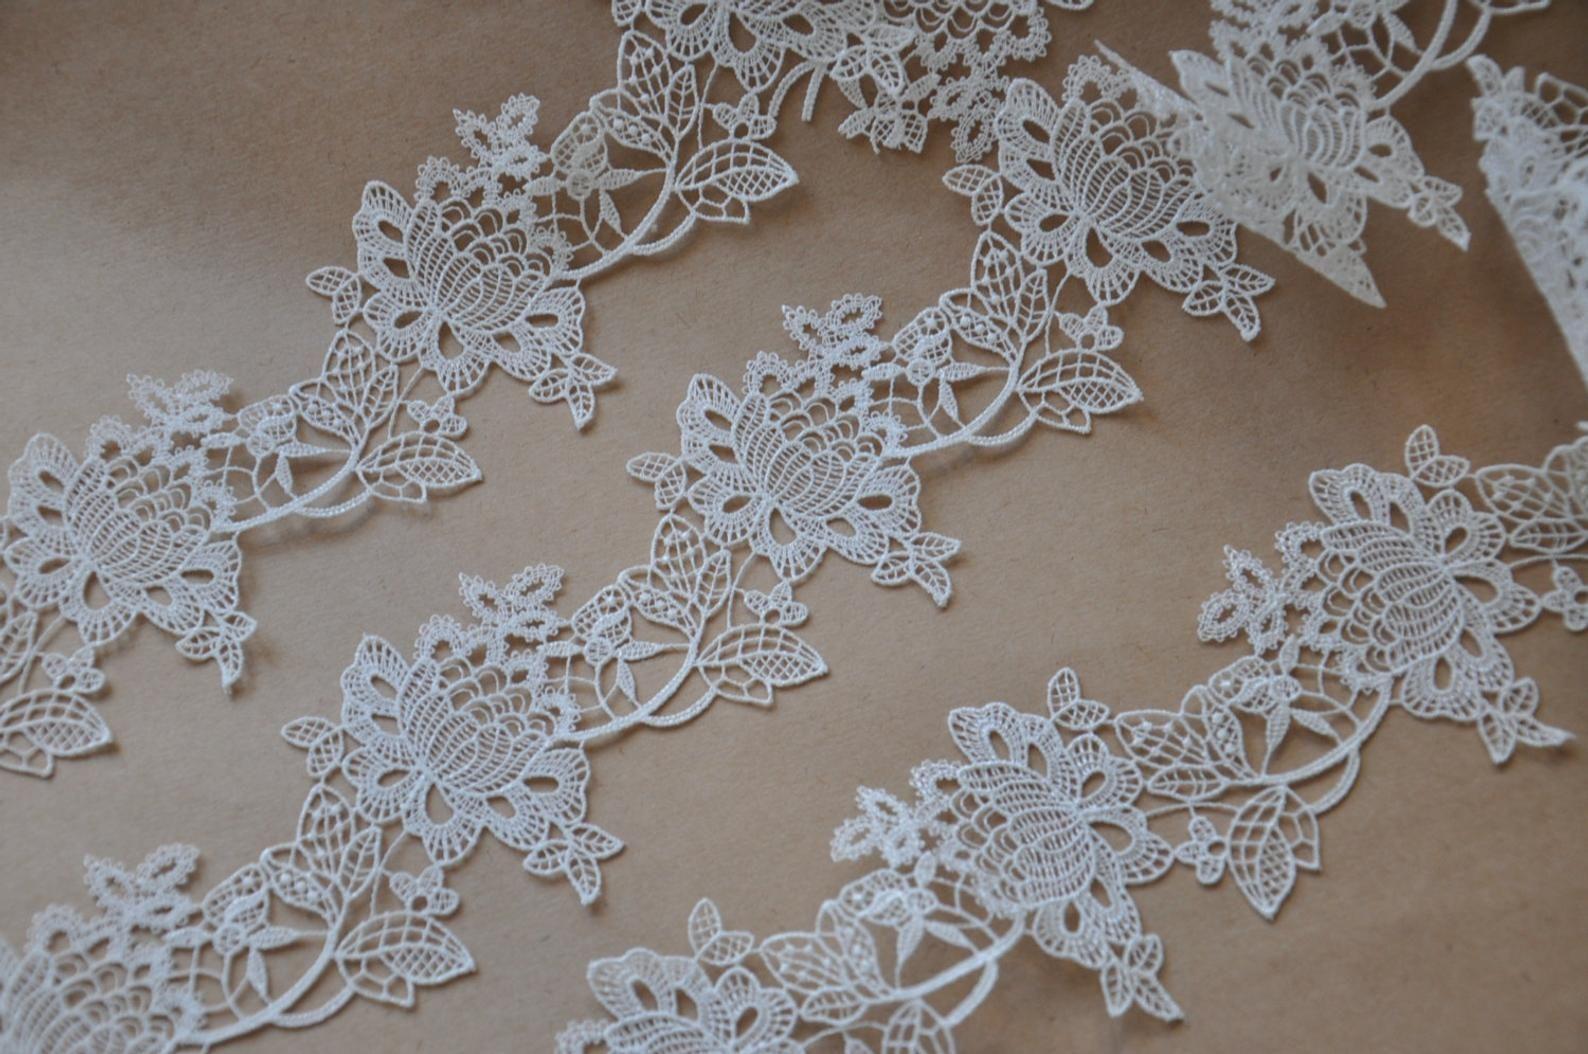 off White Lace Trim, venise lace trim, vintage lace, super exquisite lace trim, retro floral lace tirm DG023